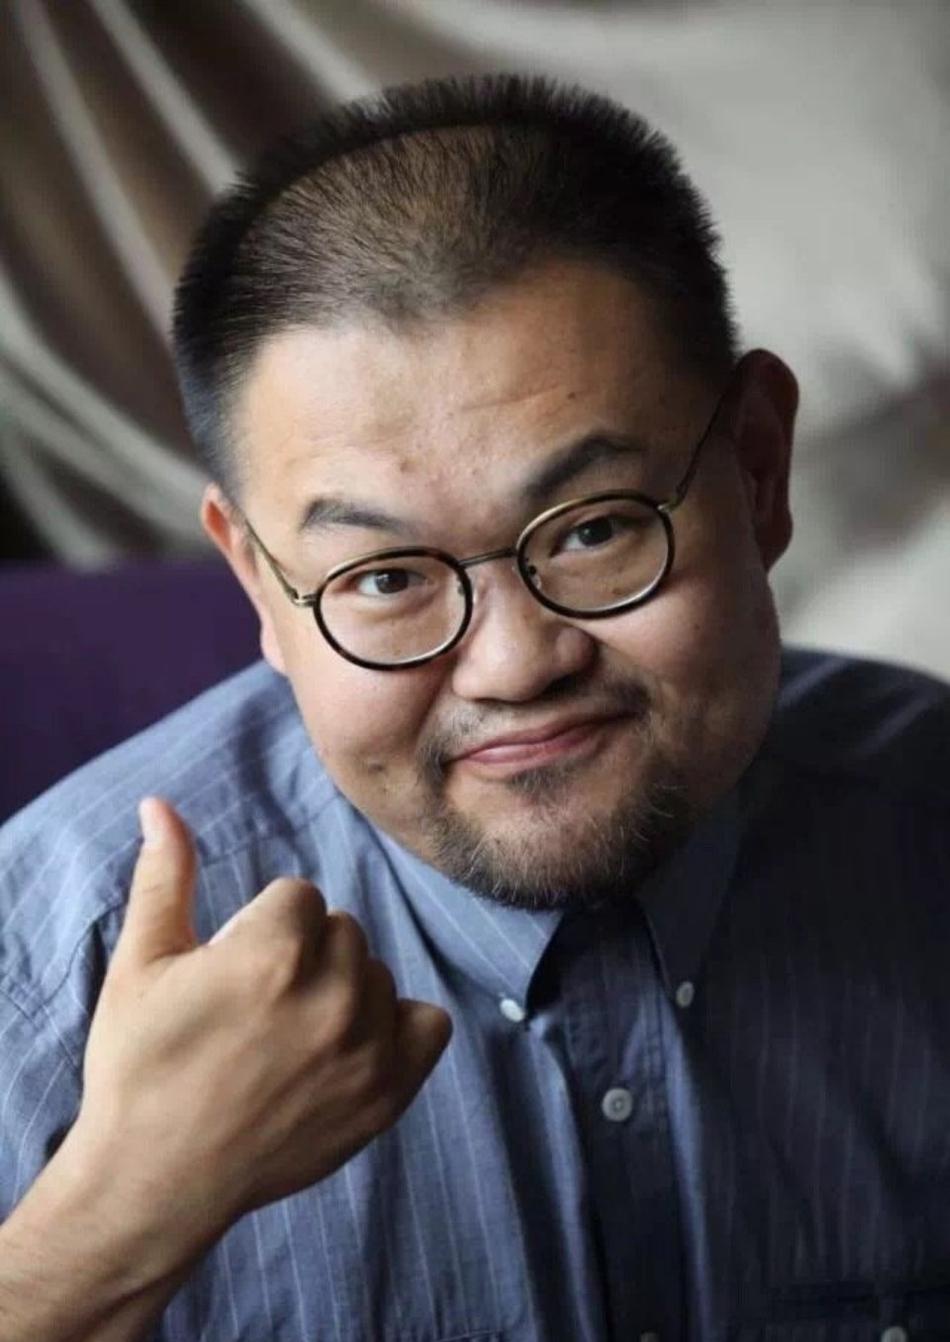 导演班赞因病逝世享年41岁蓝盈莹李光洁孙茜等发文悼念